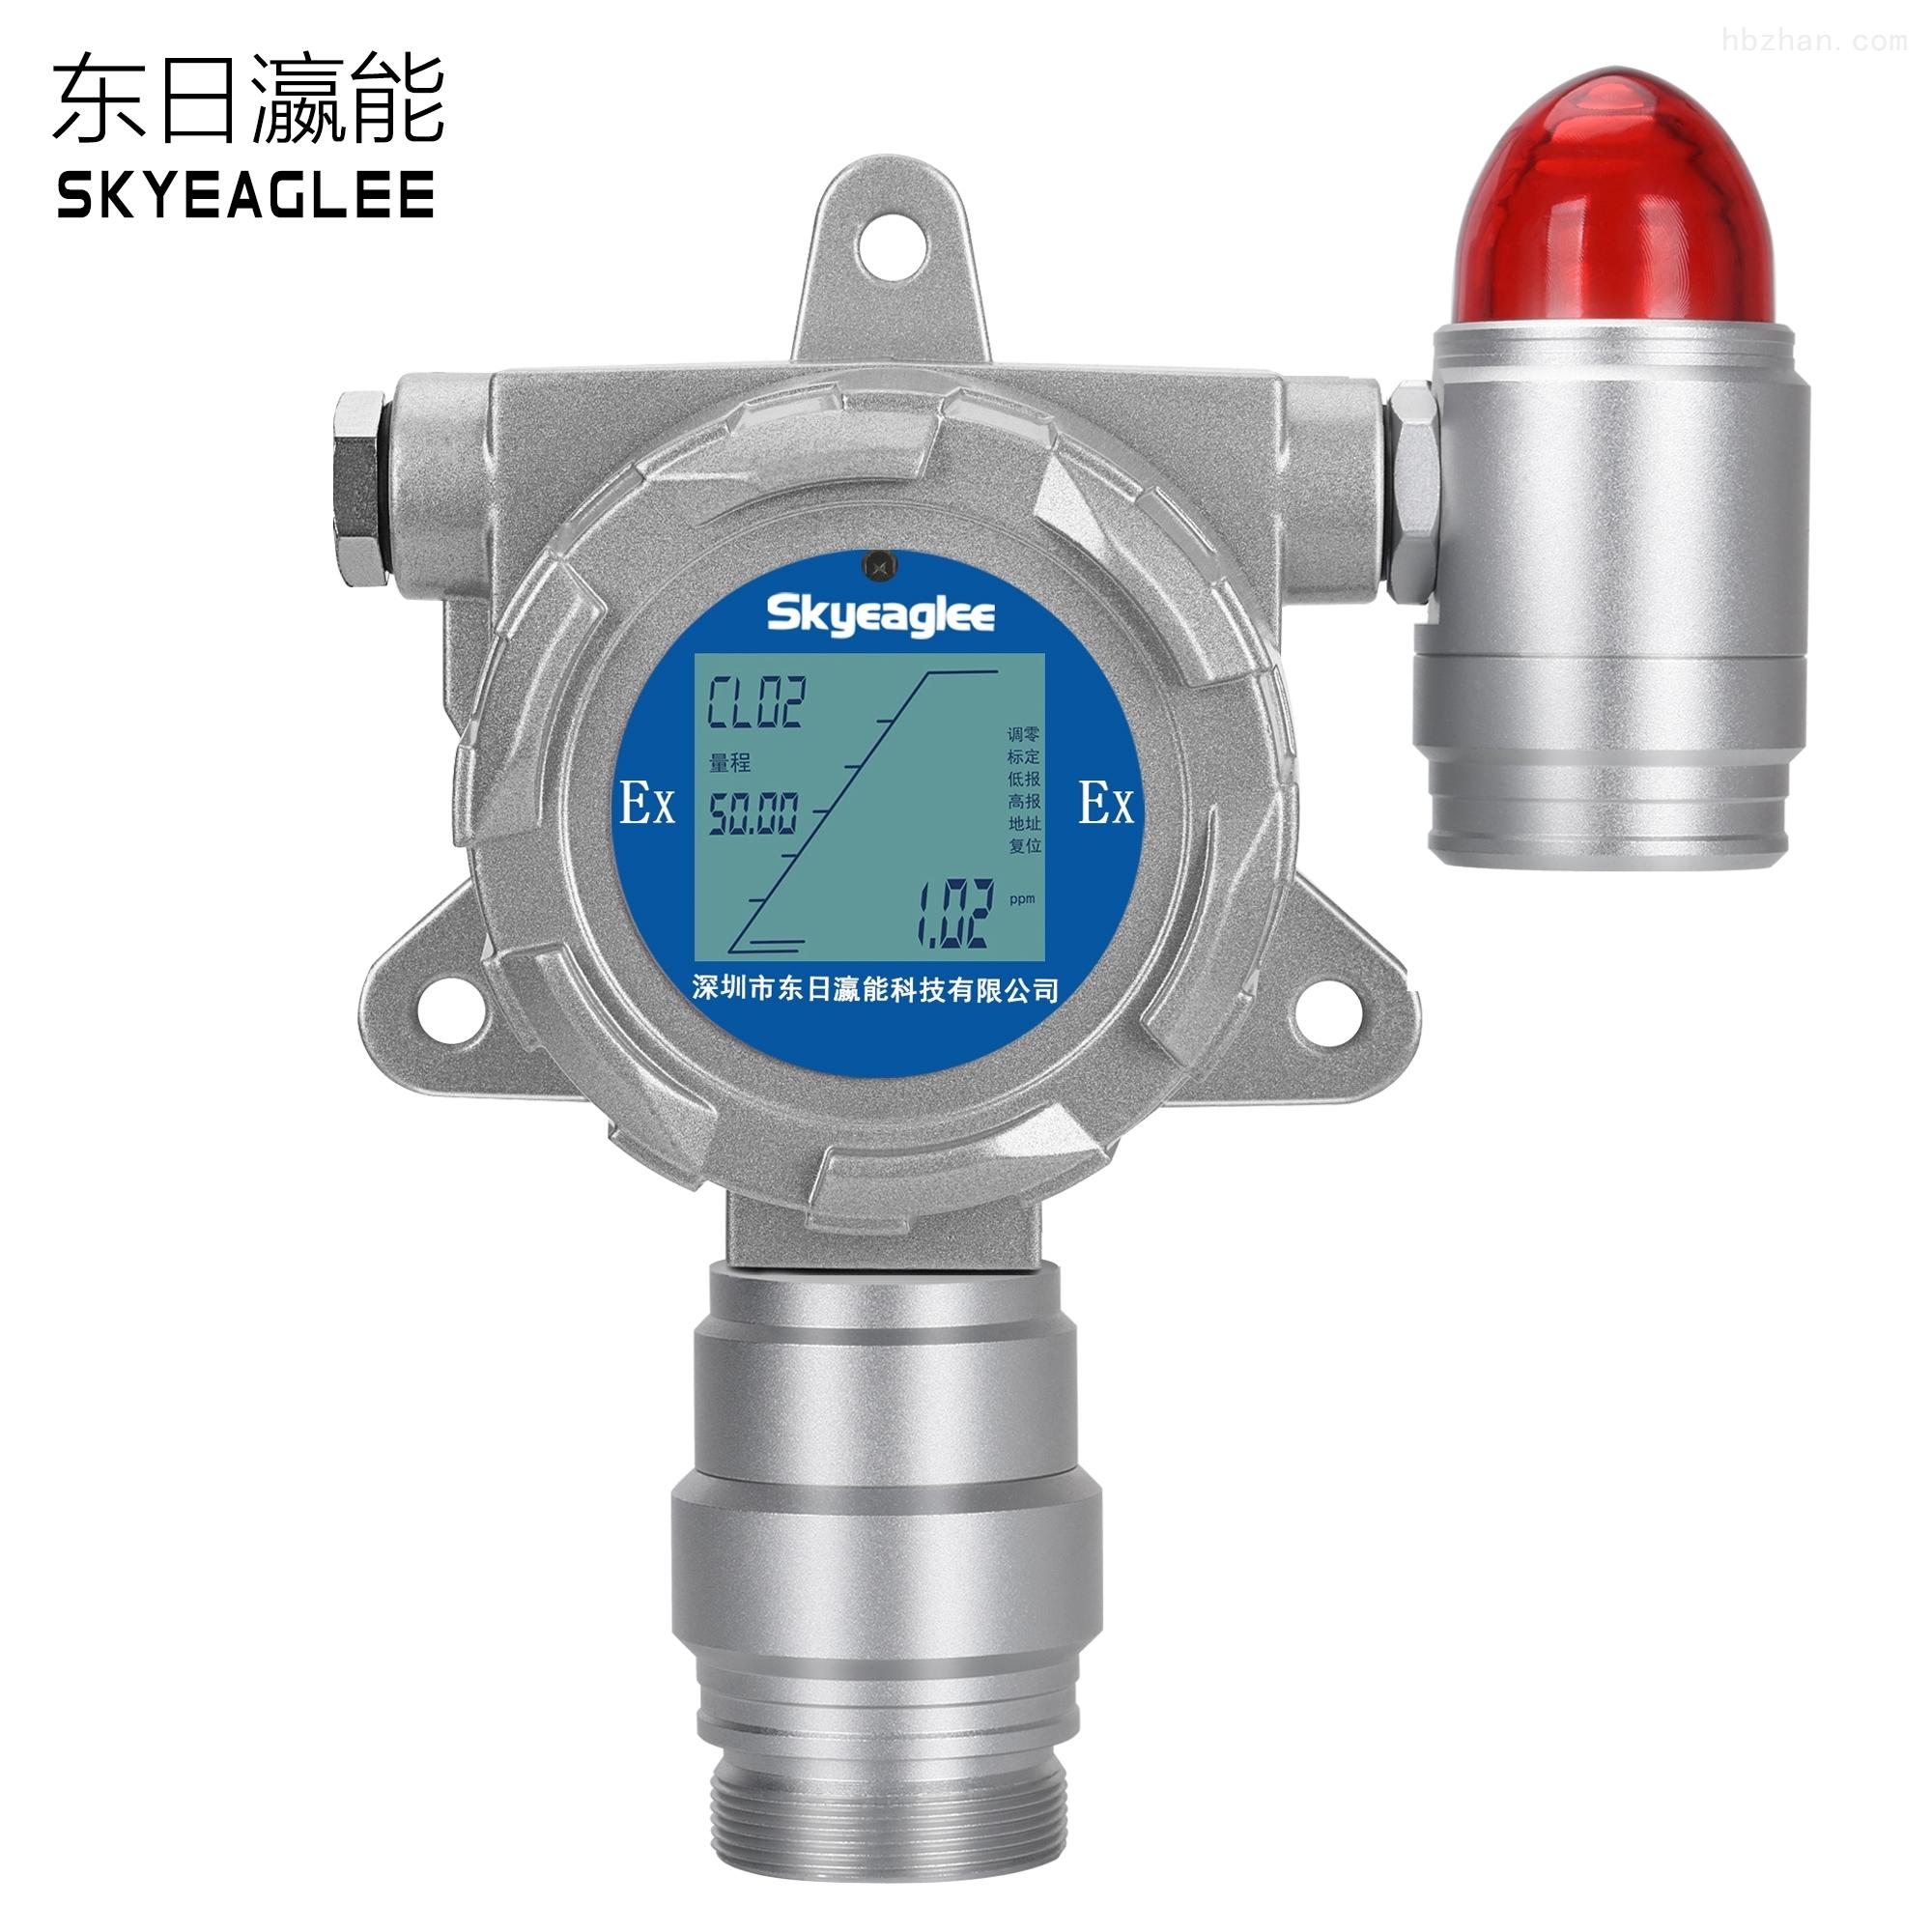 二氧化碳气体浓度监测仪